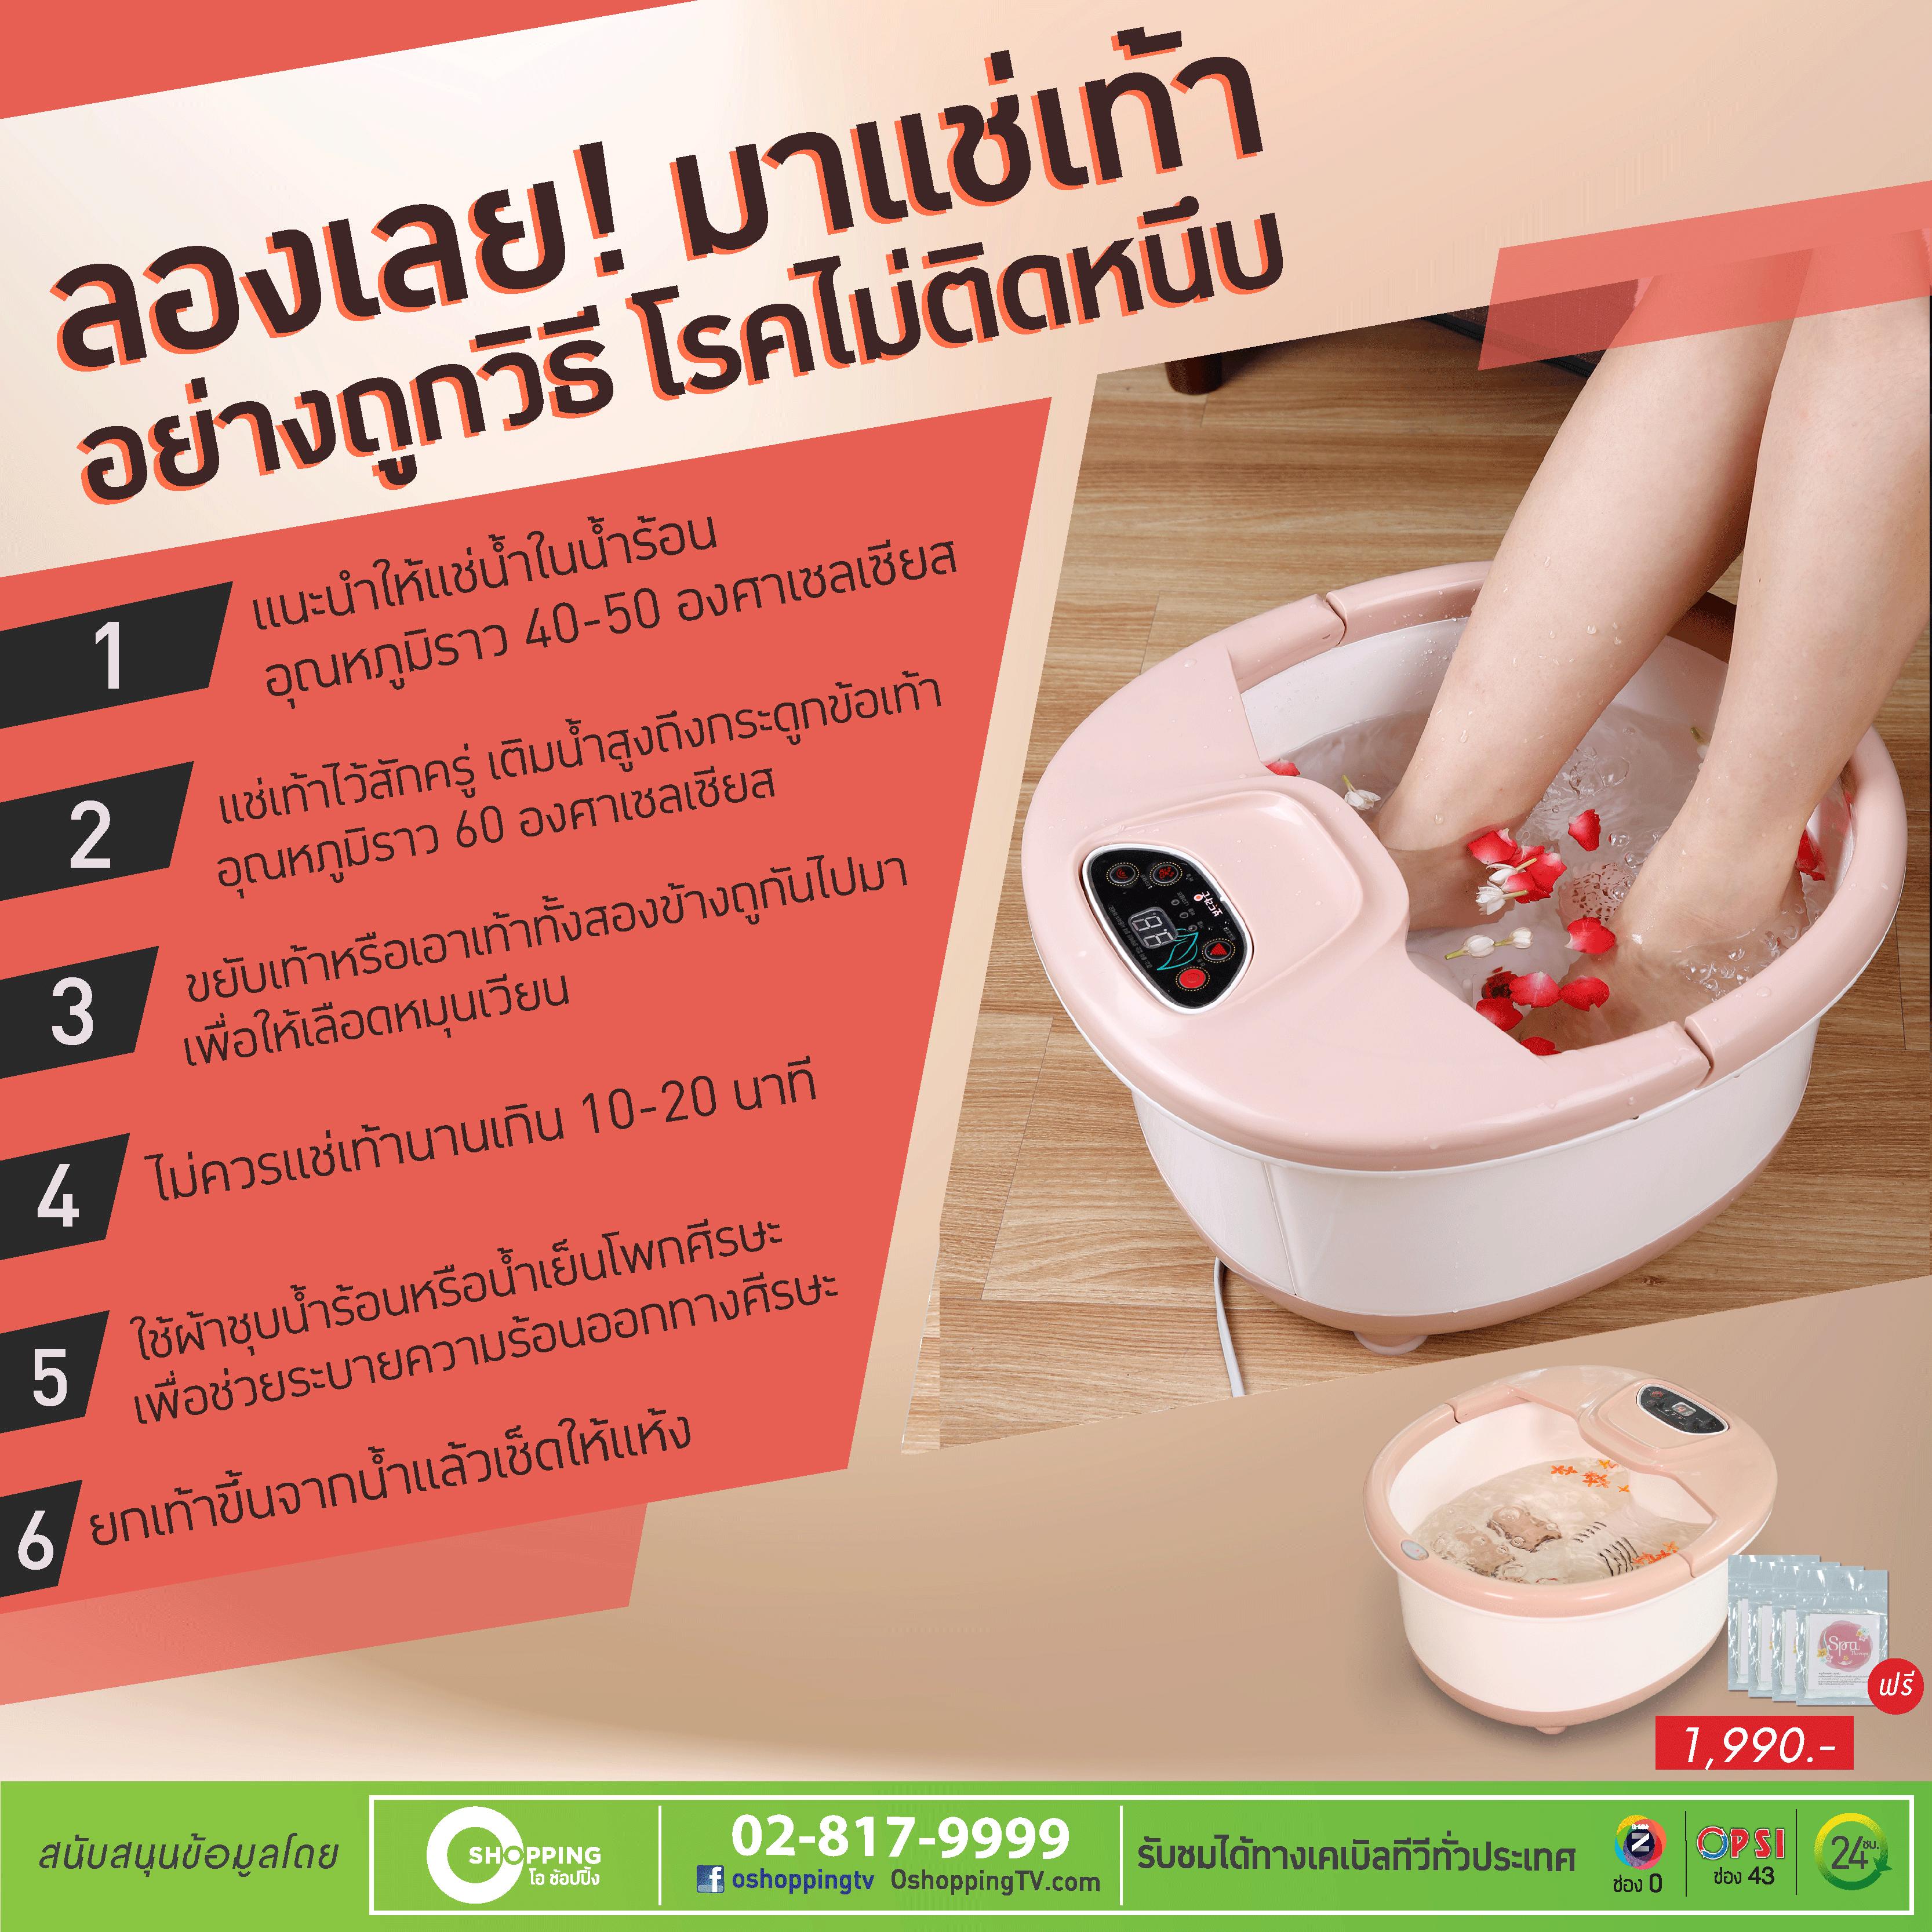 ครั้งแรก! โอ ช้อปปิ้งส่ง 'โบดราอึน' เครื่องสปาเท้าจากเกาหลี สุดยอดการบำรุงเท้าที่ทำเองได้ง่ายๆ ที่บ้าน